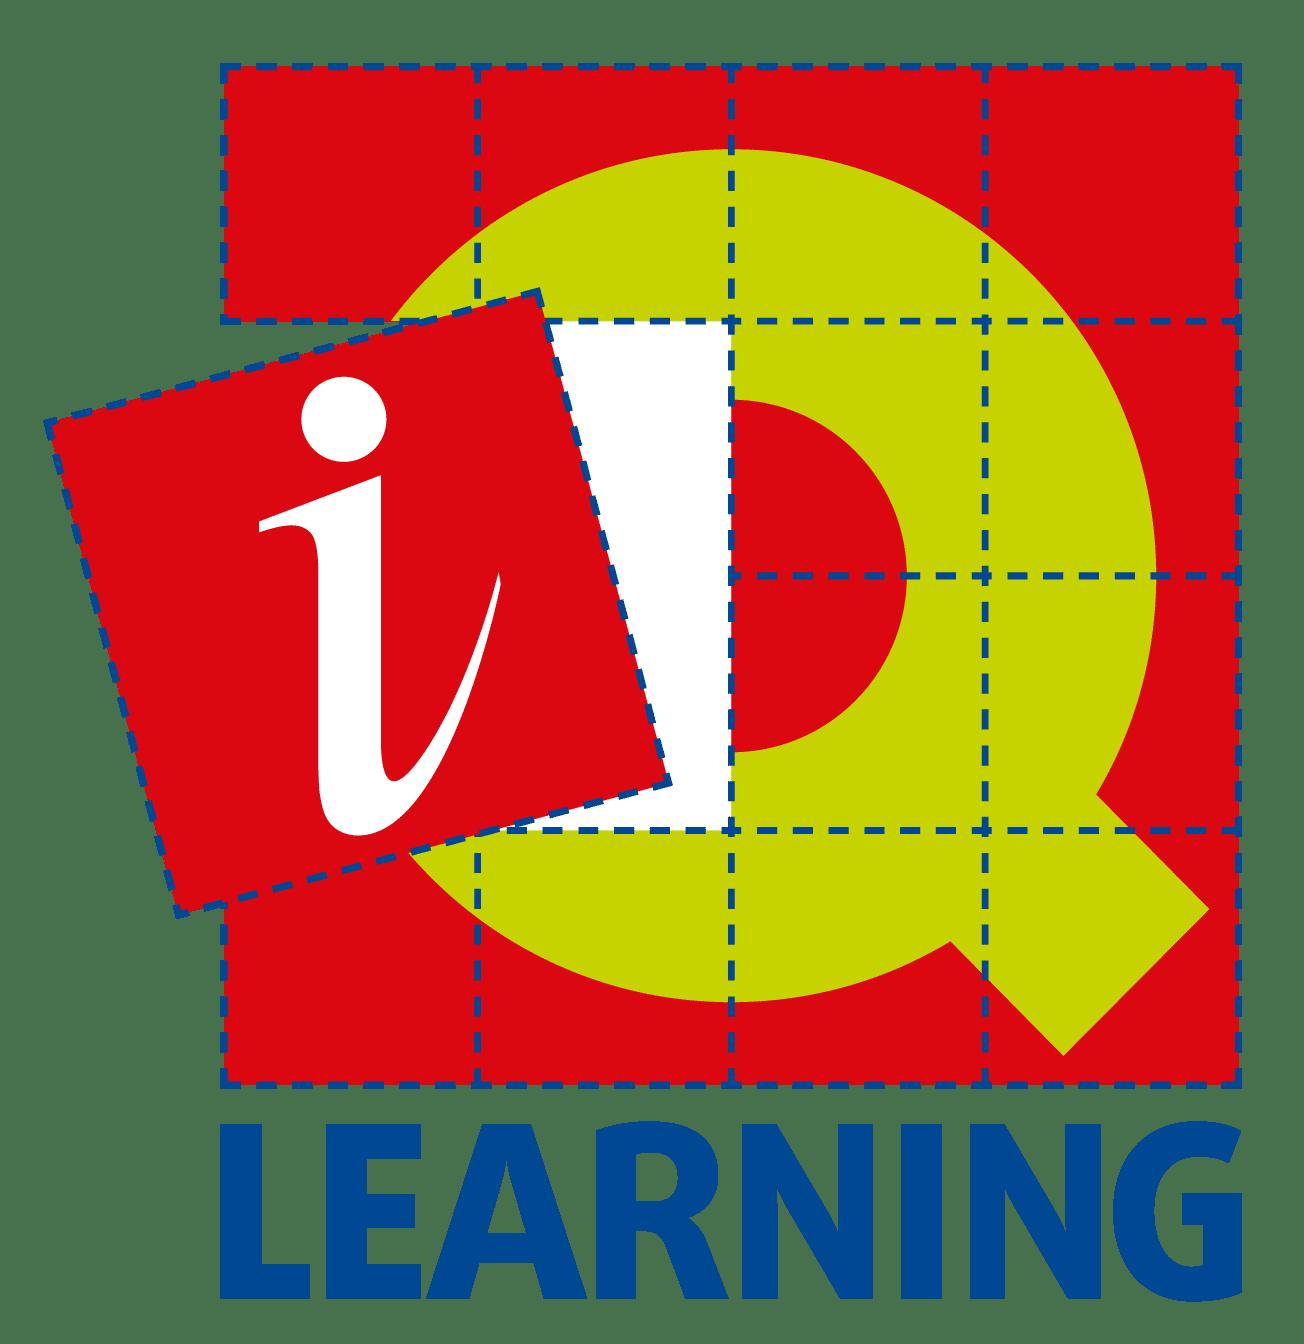 IQ Learning